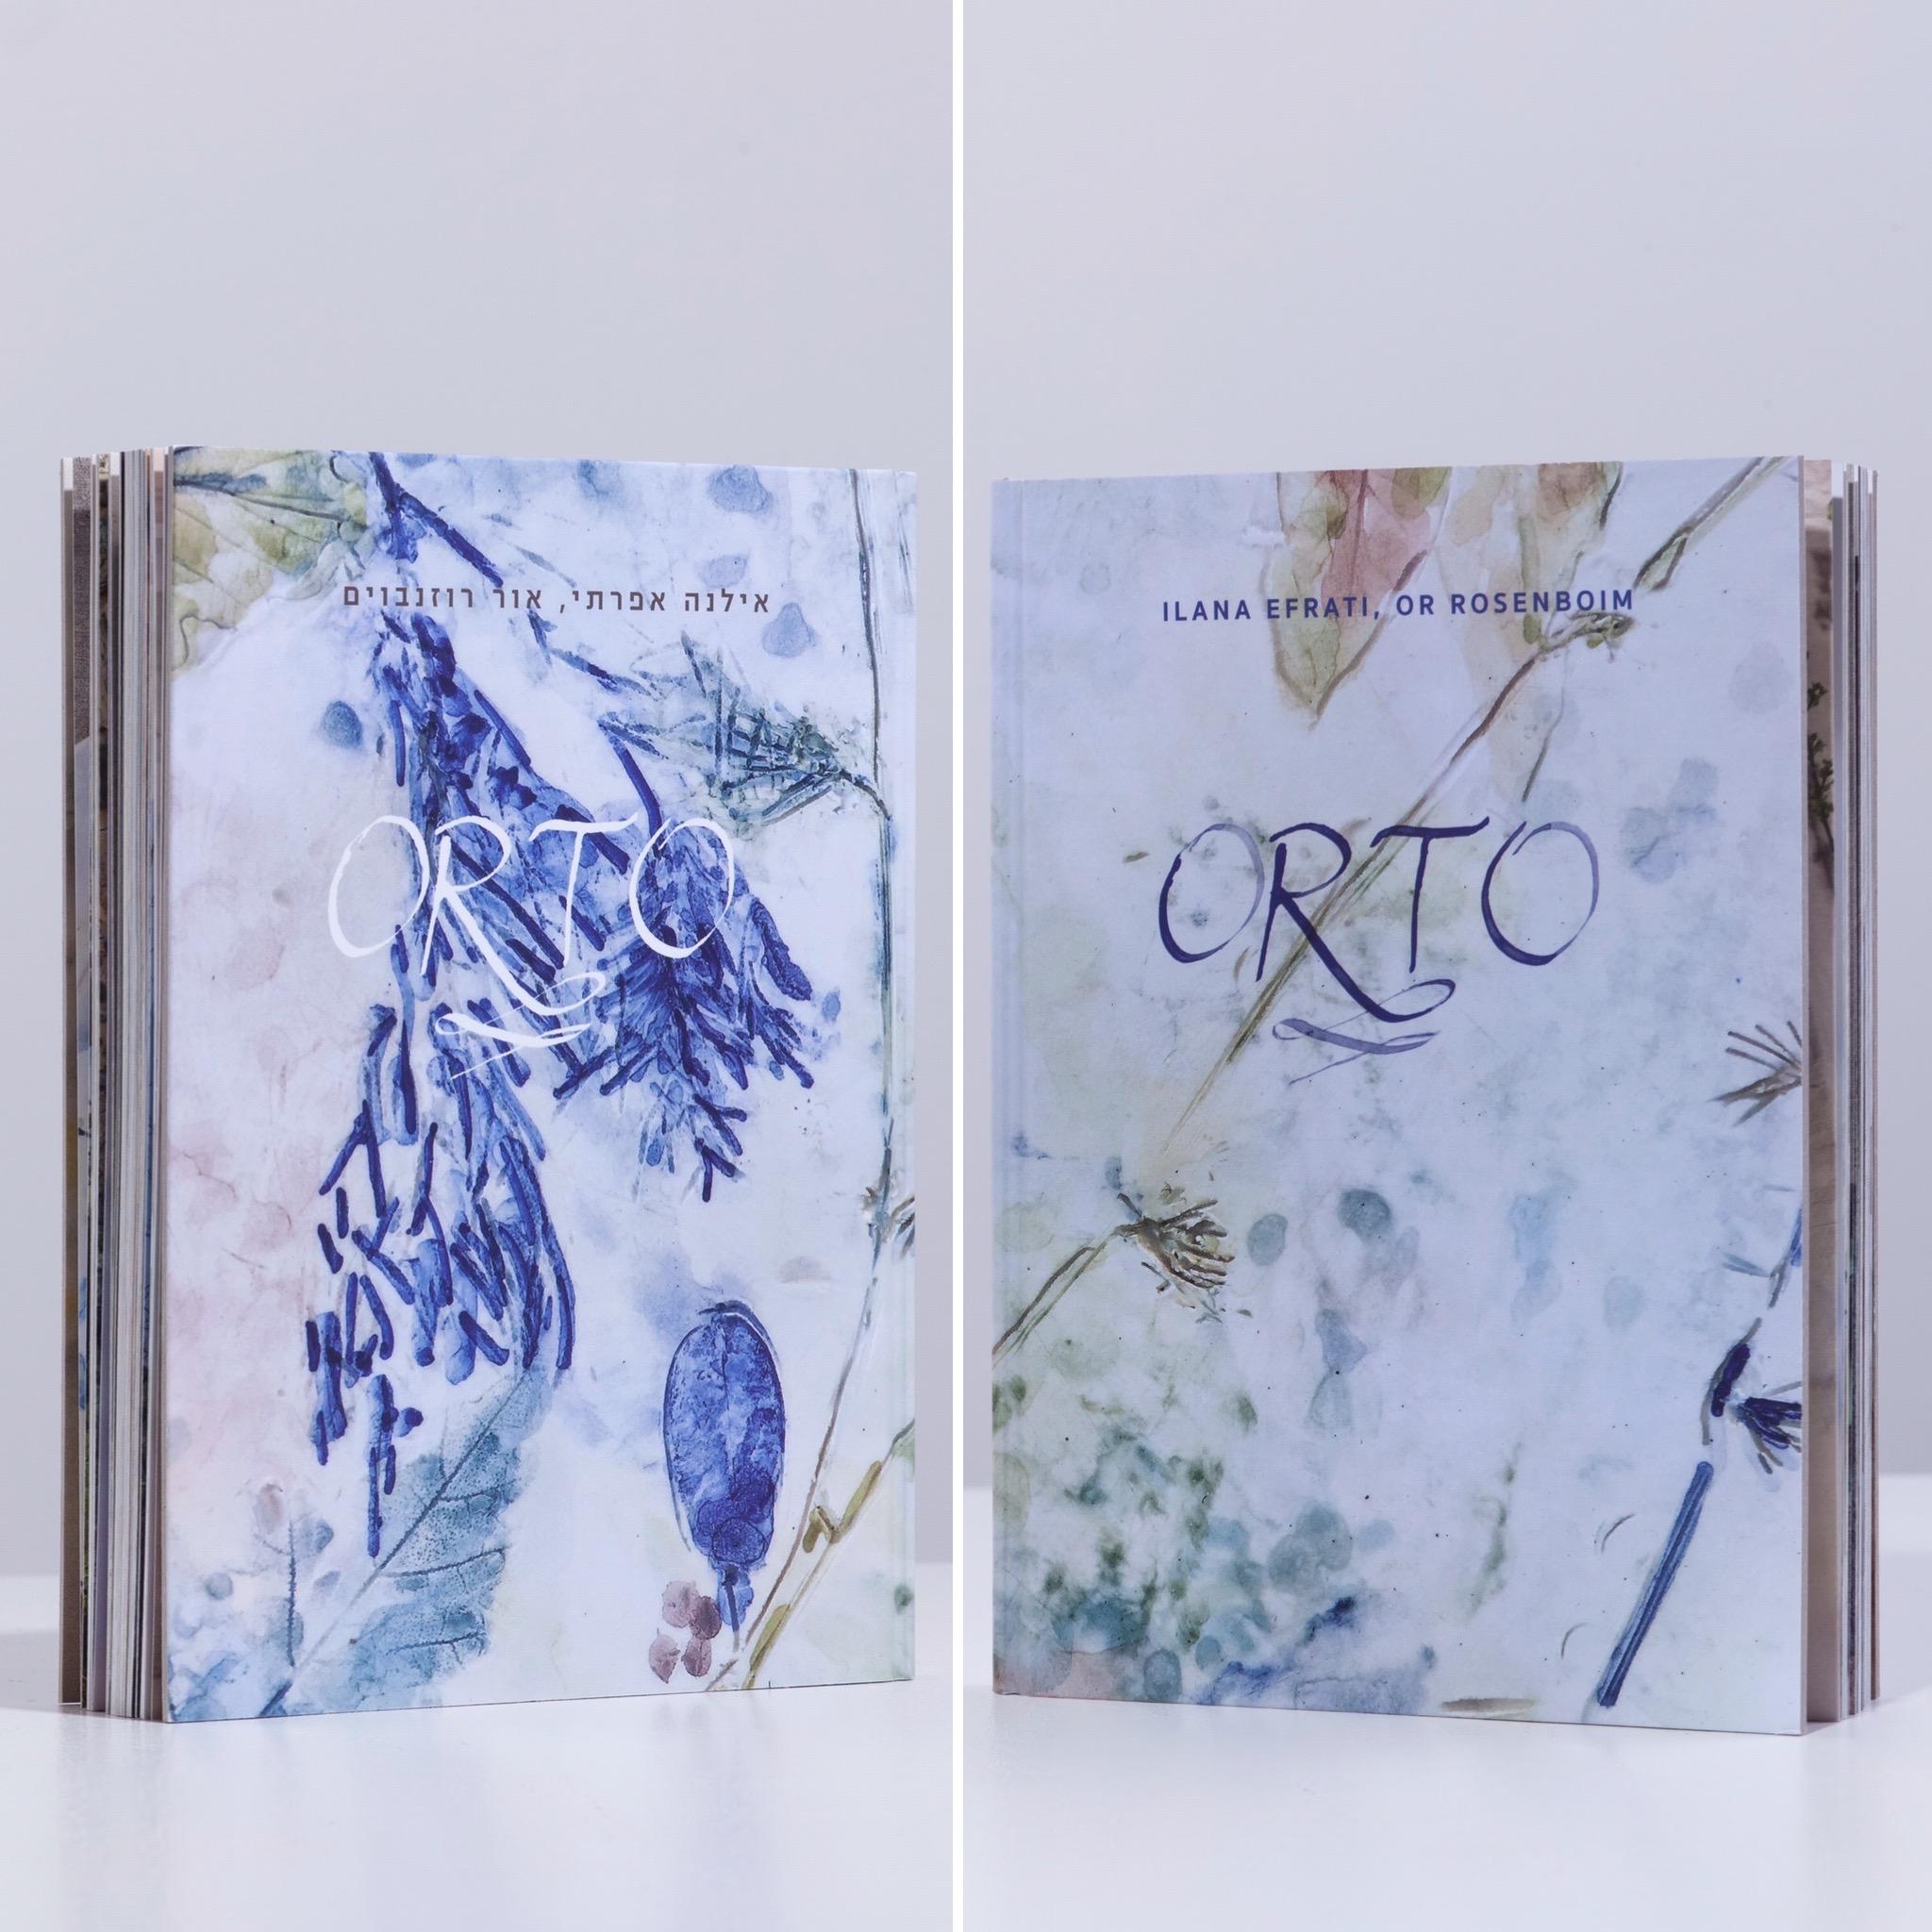 orto book